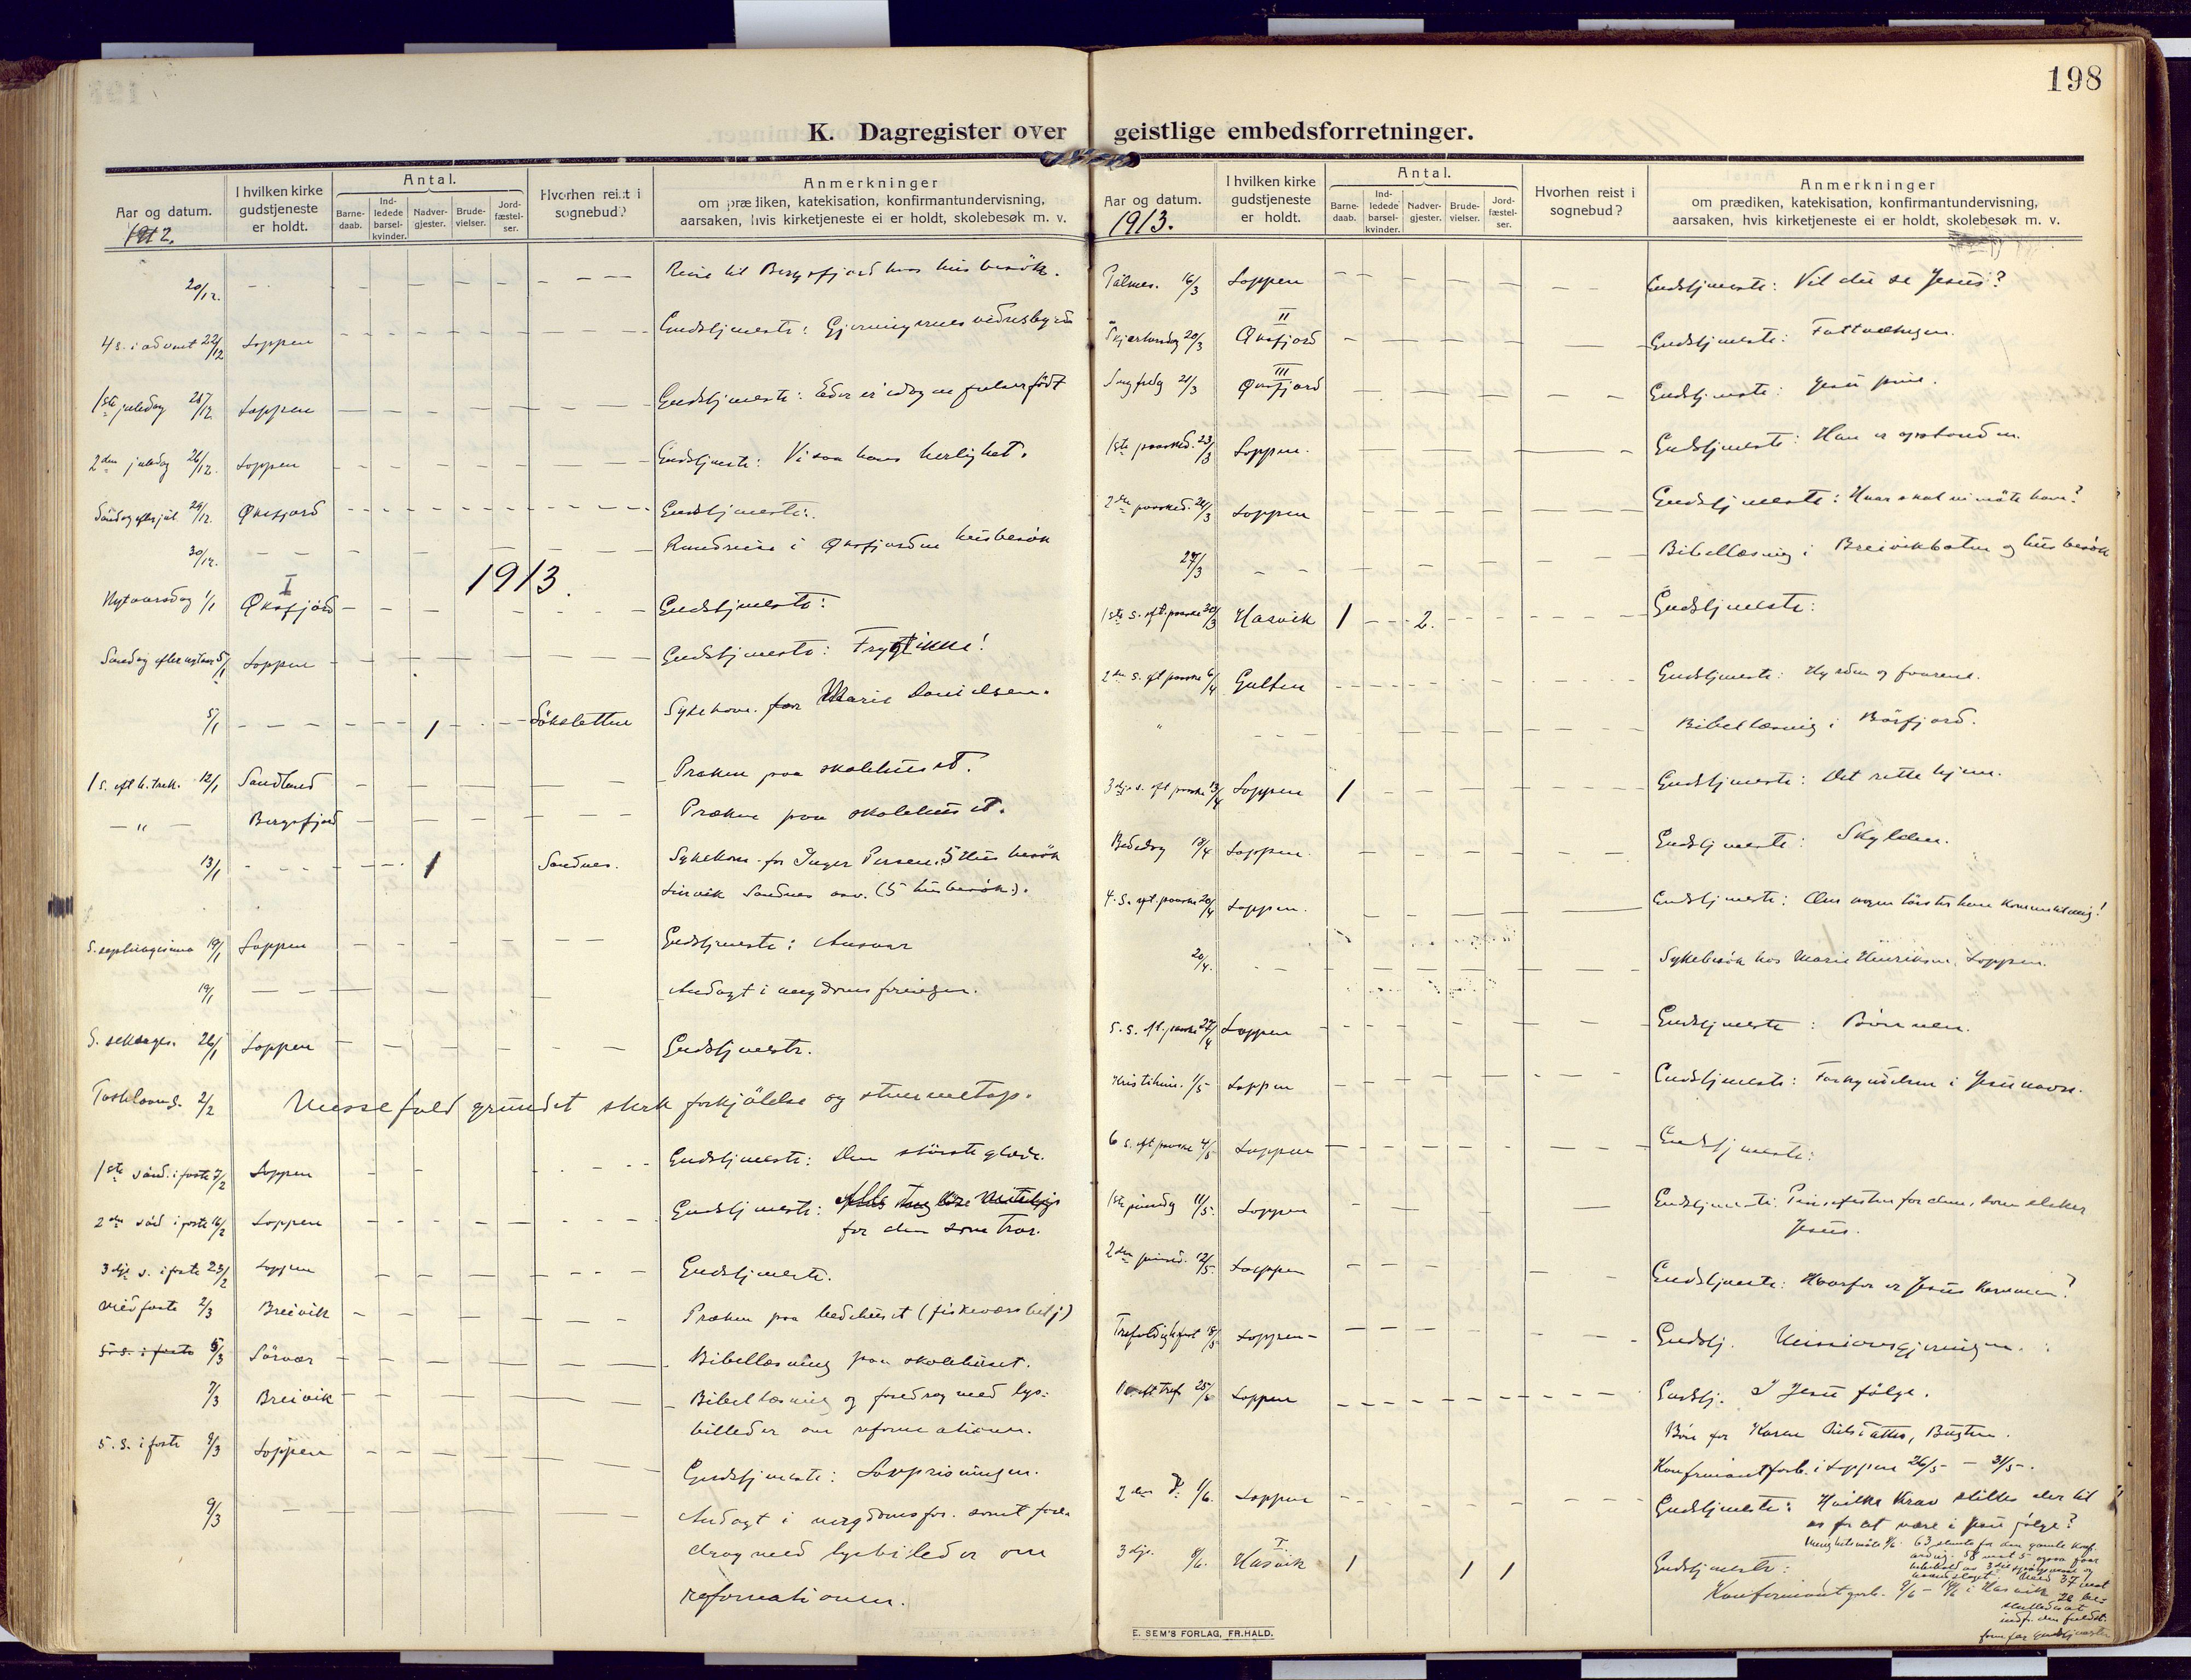 SATØ, Loppa sokneprestkontor, H/Ha/L0011kirke: Ministerialbok nr. 11, 1909-1919, s. 198